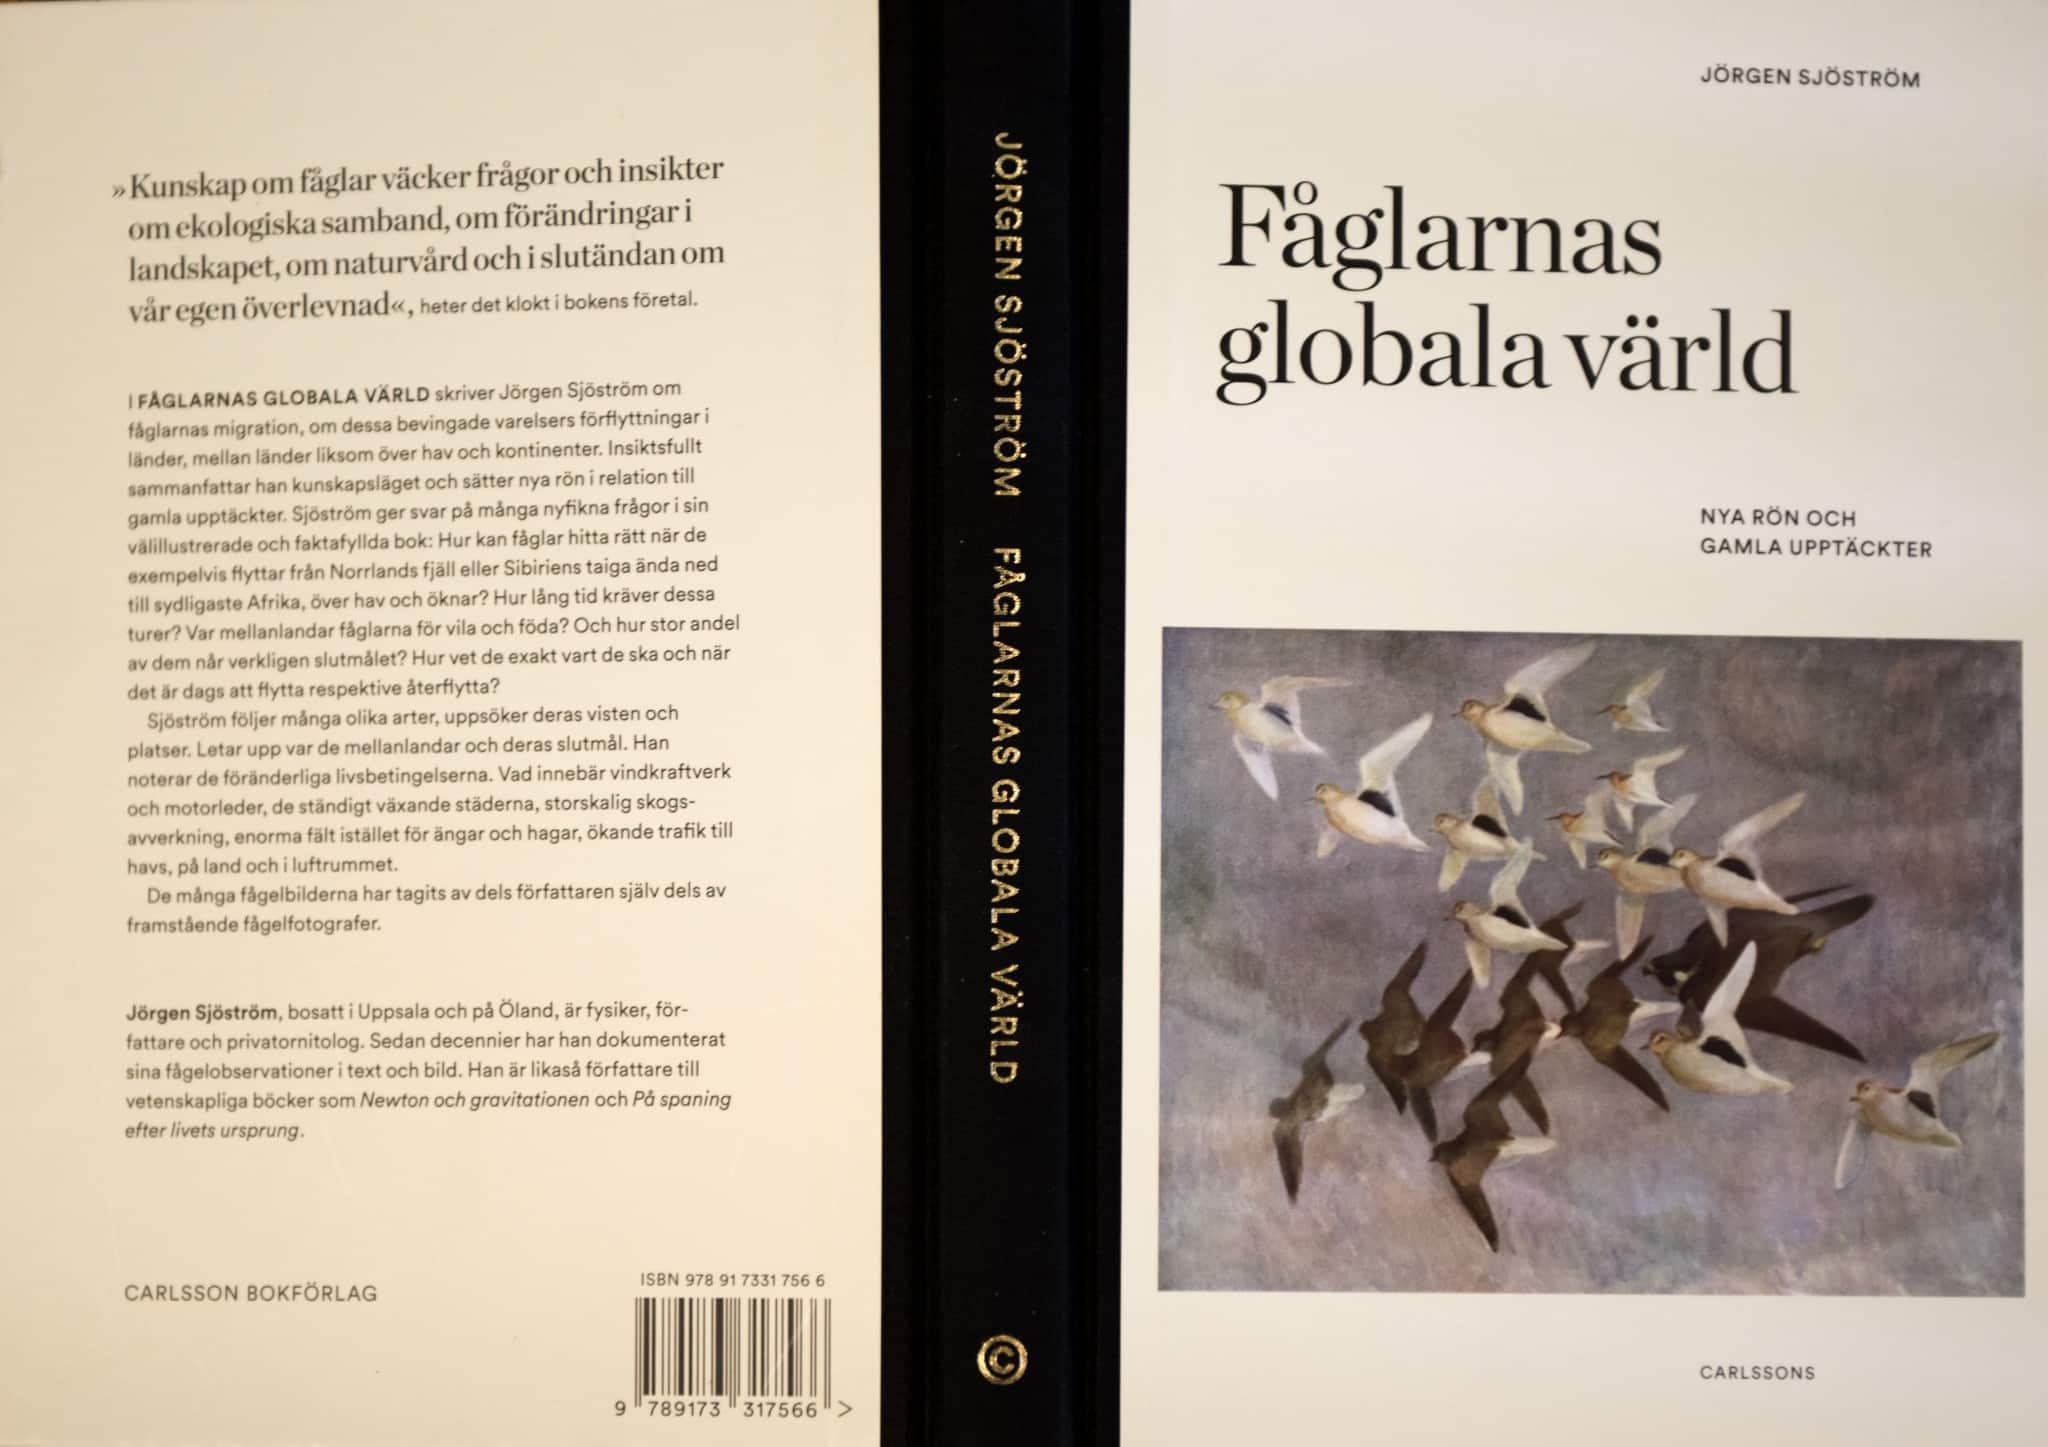 Fåglarnas globala värld, utgiven av Carlssons förlag.